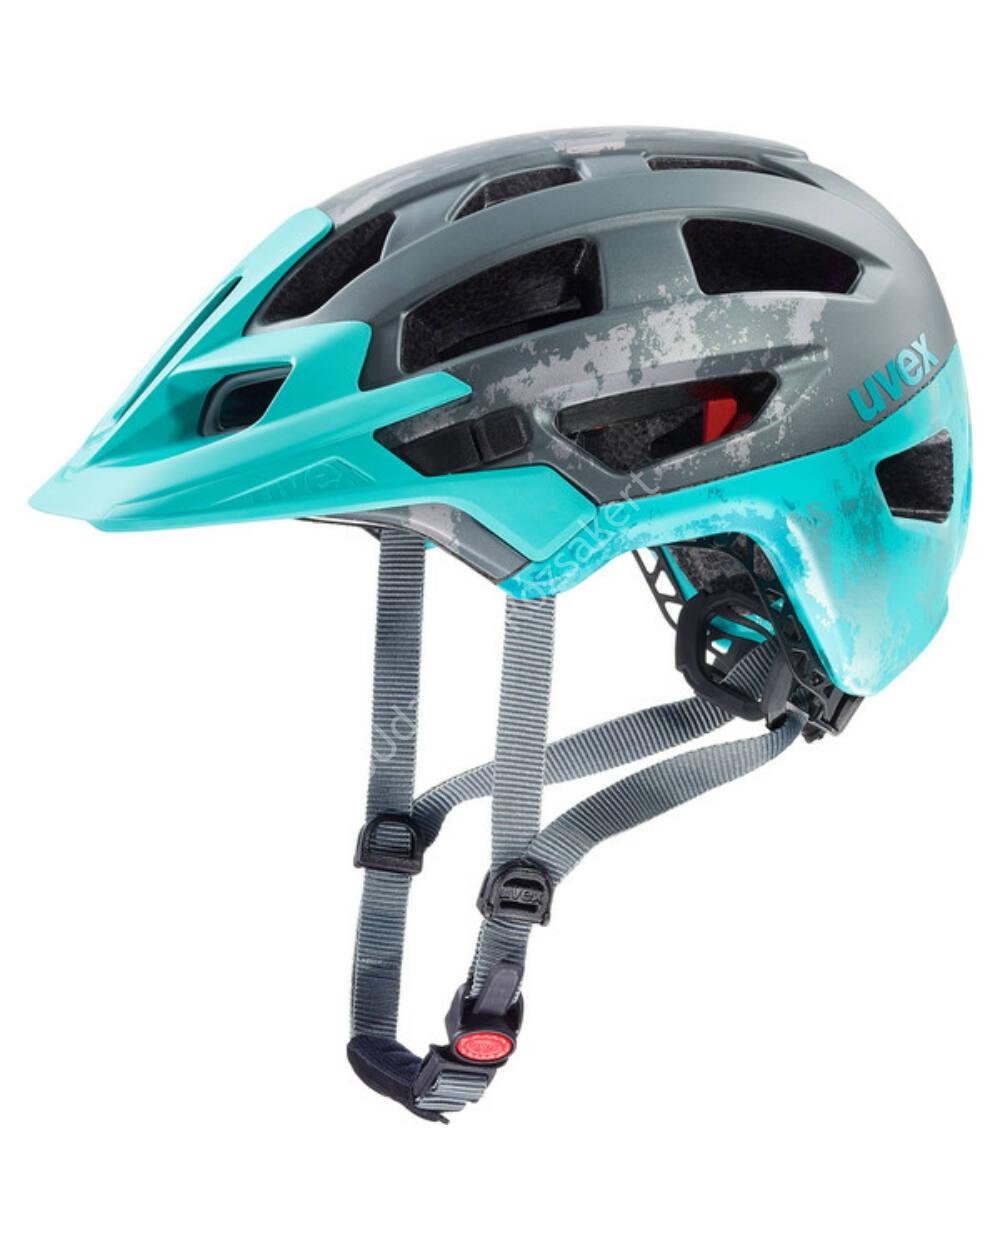 Uvex Finale 2.0 kerékpáros bukósisak, grey lightblue mat, 52-57 cm